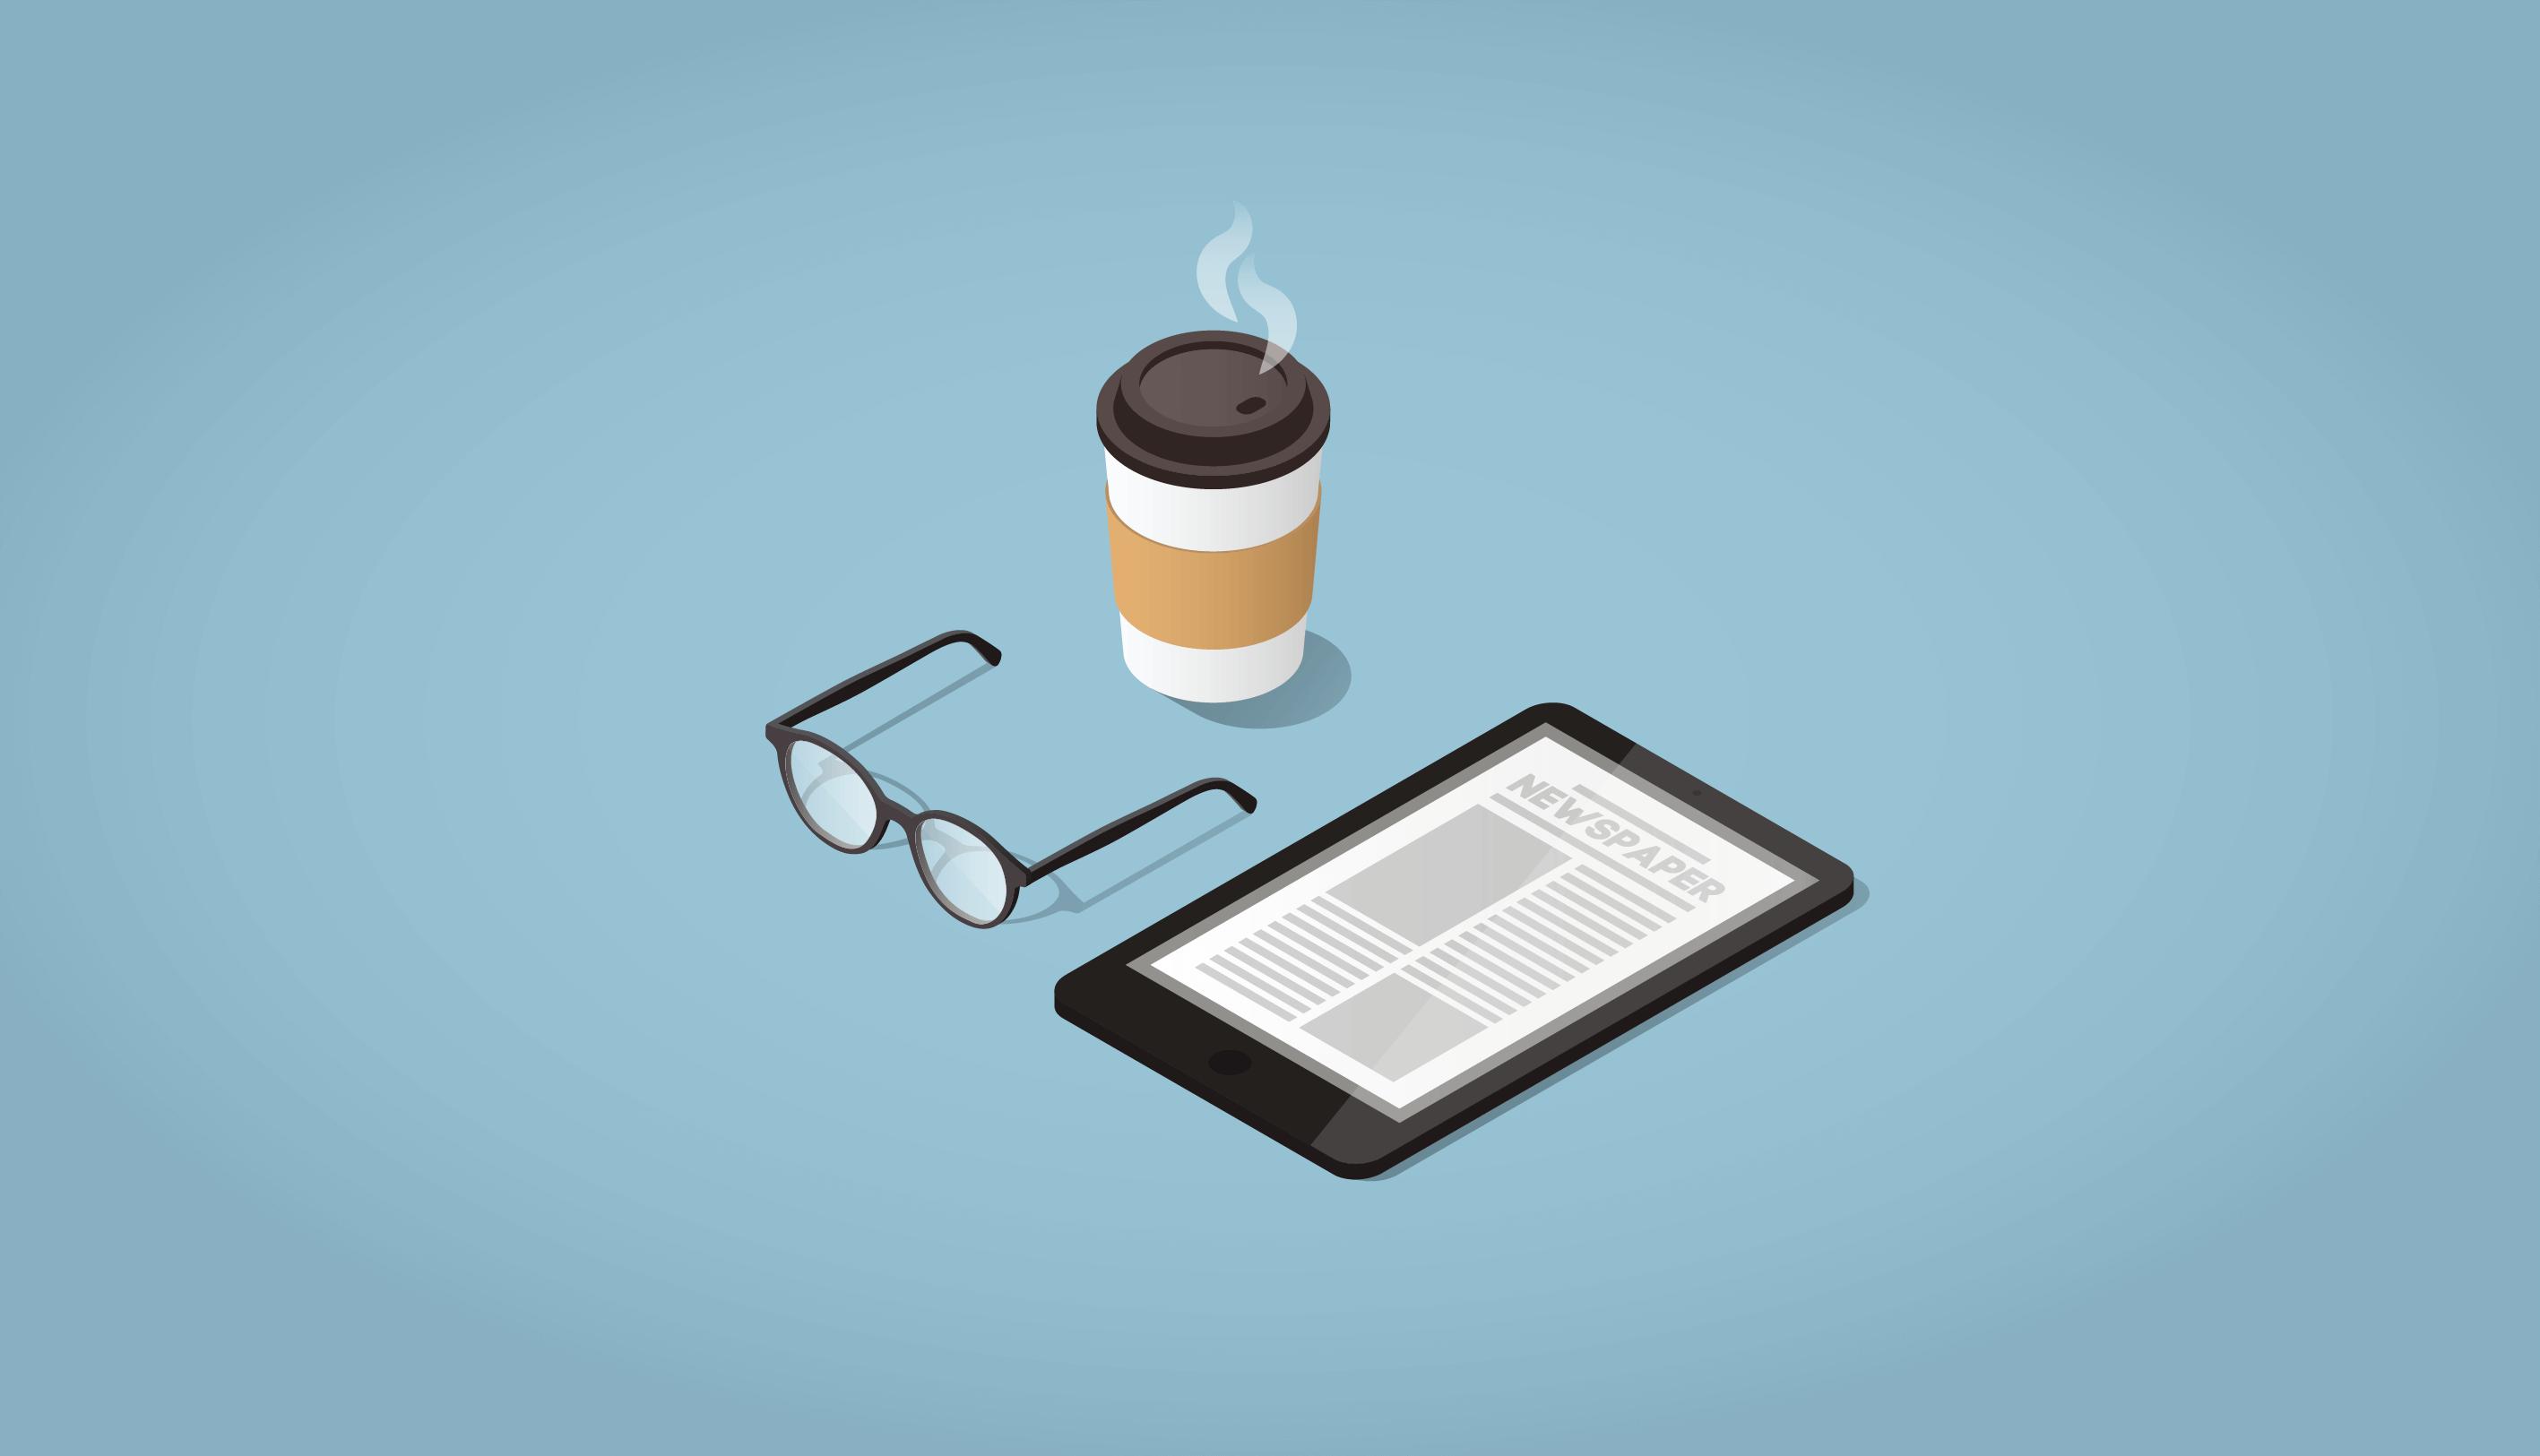 オンライン英会話 効果なし 勉強